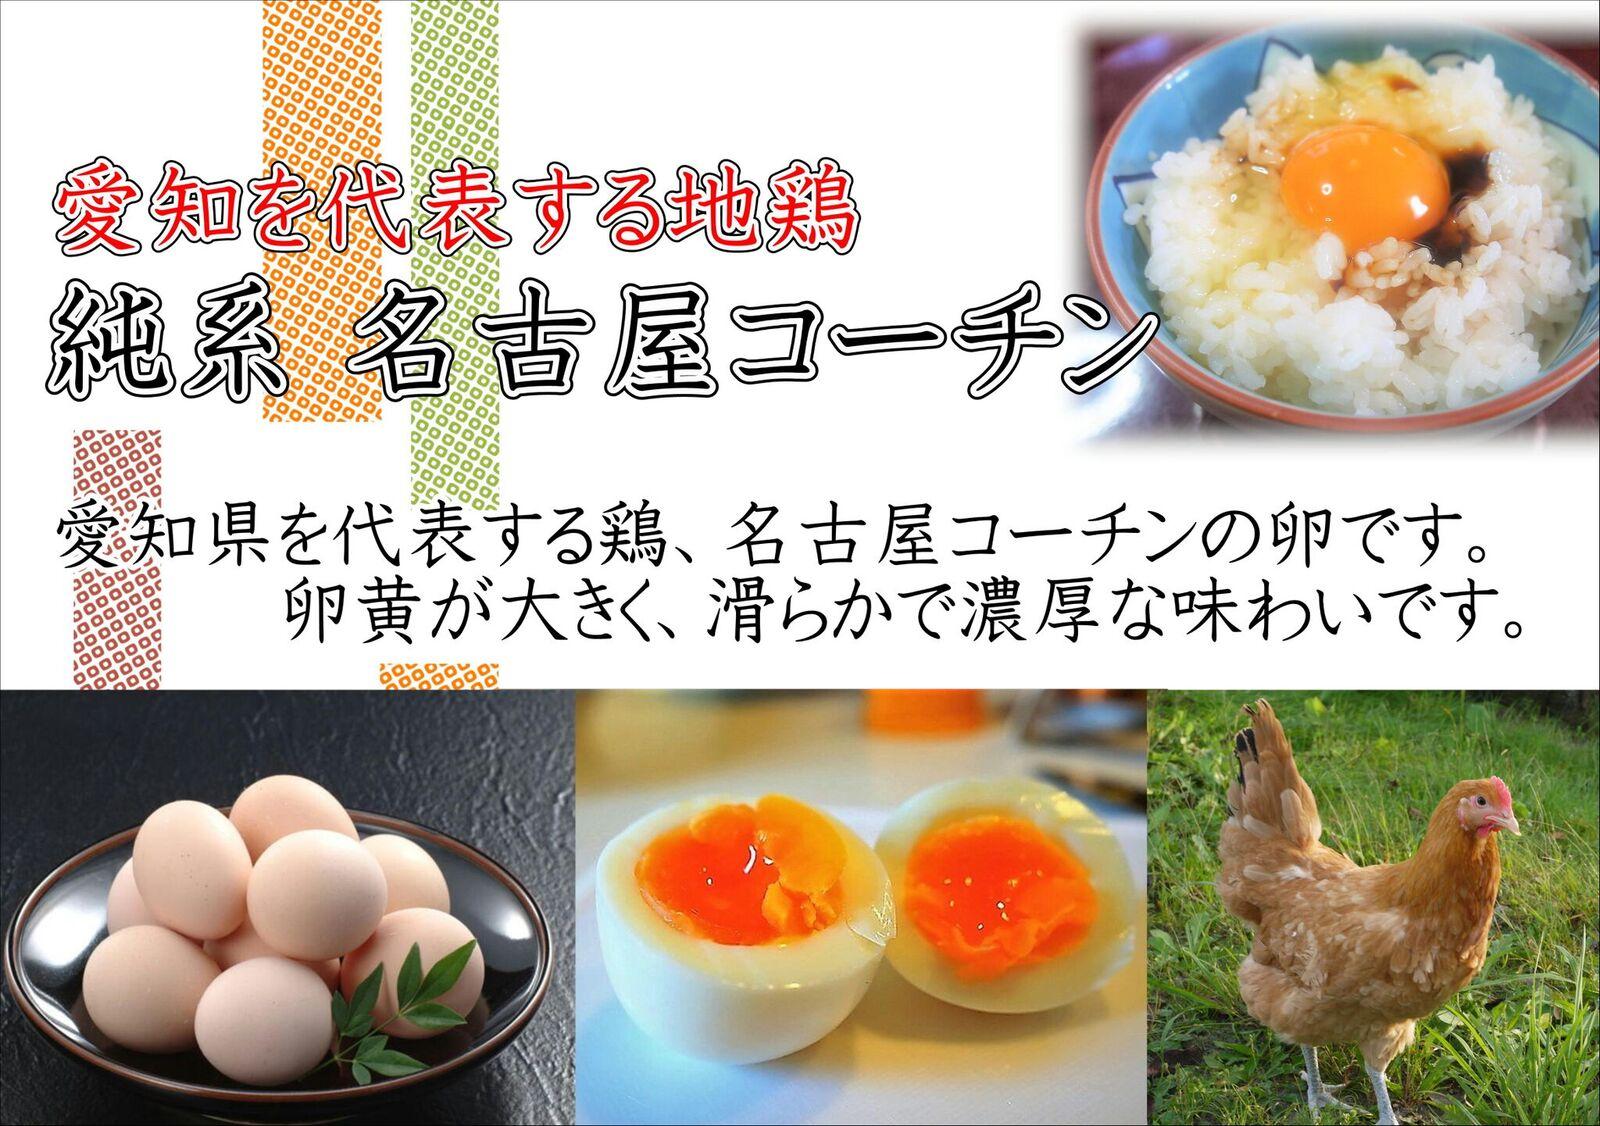 日本三大地鶏!! 本当に美味しい食べ物は調味料の味に負けません!「純系 名古屋コーチンの卵」(30個)